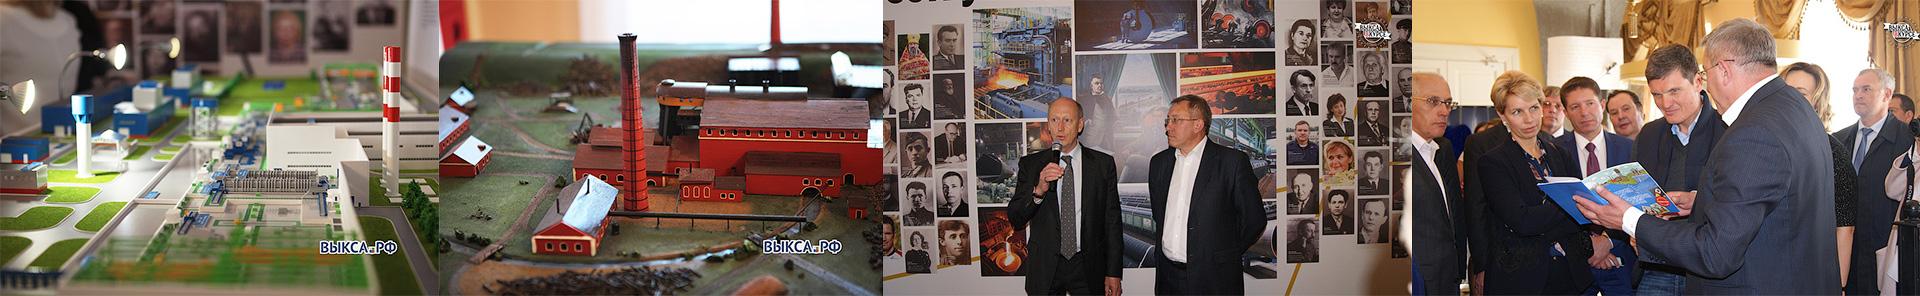 Фотография с открытия выставки на ВМЗ